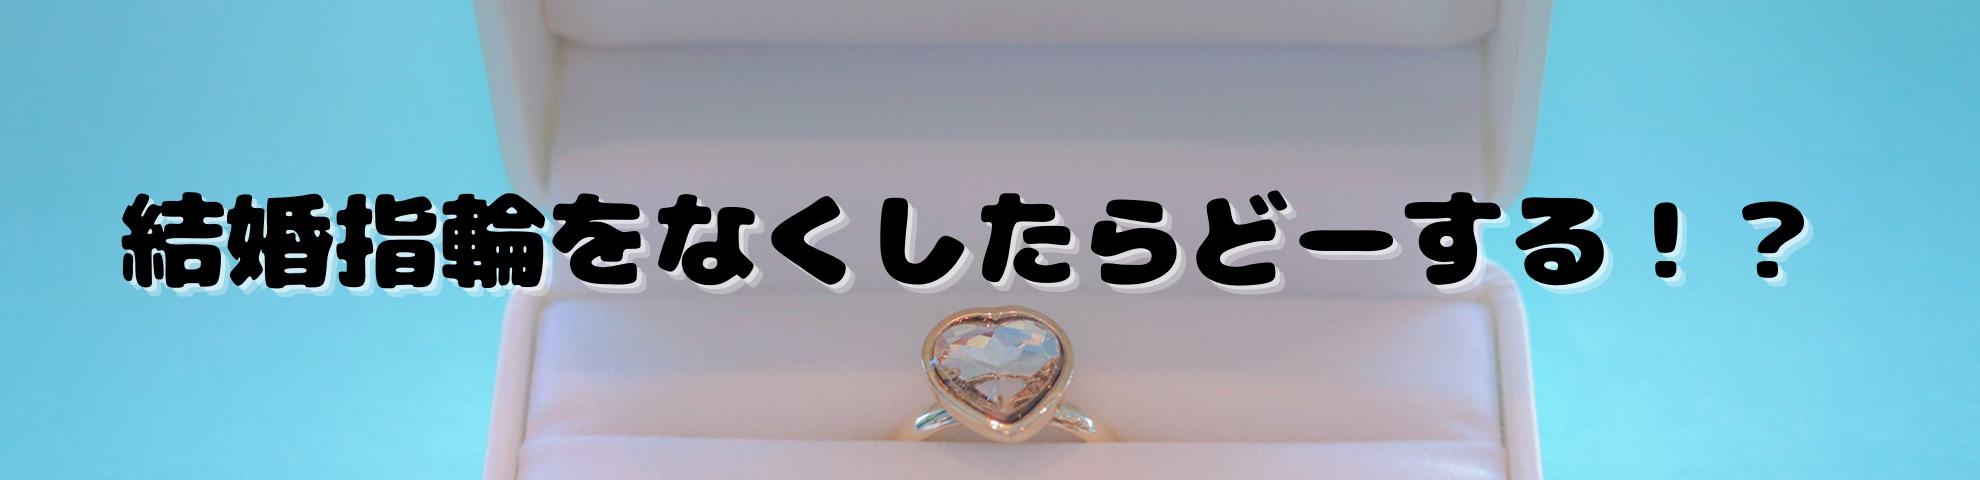 結婚指輪をなくしたらどーする!?